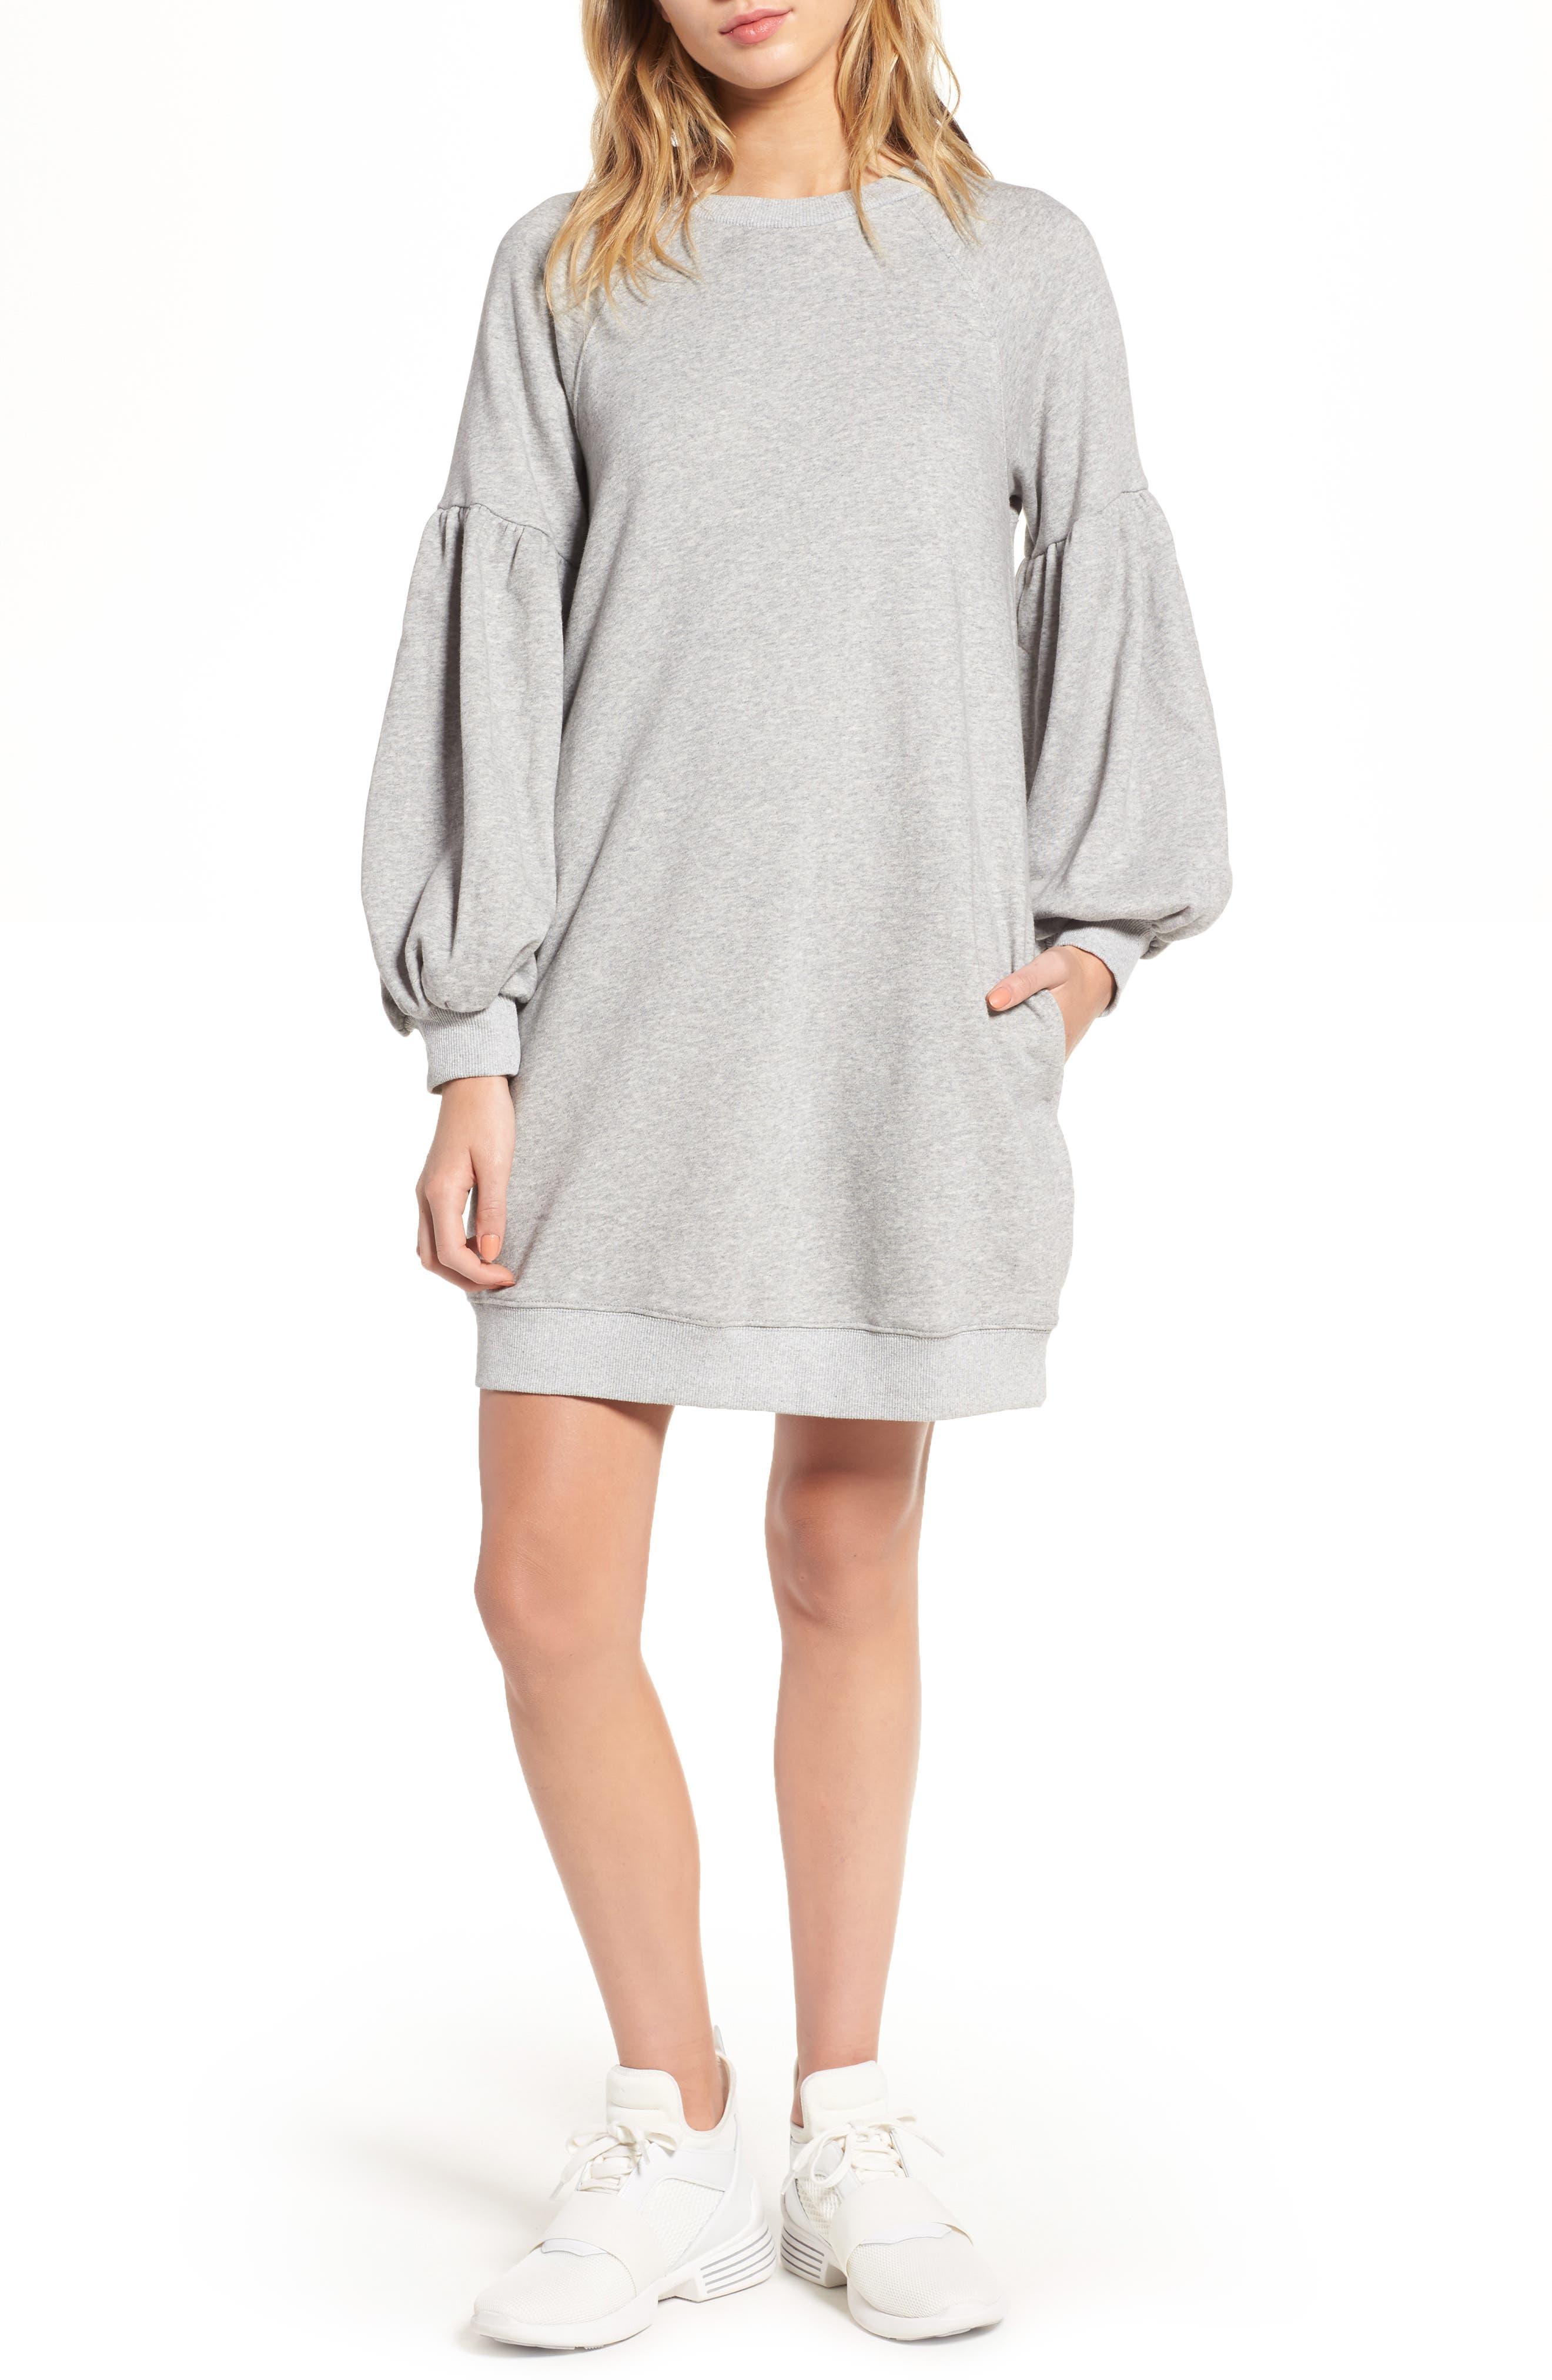 J.O.A. Gathered Sleeve Sweatshirt Dress